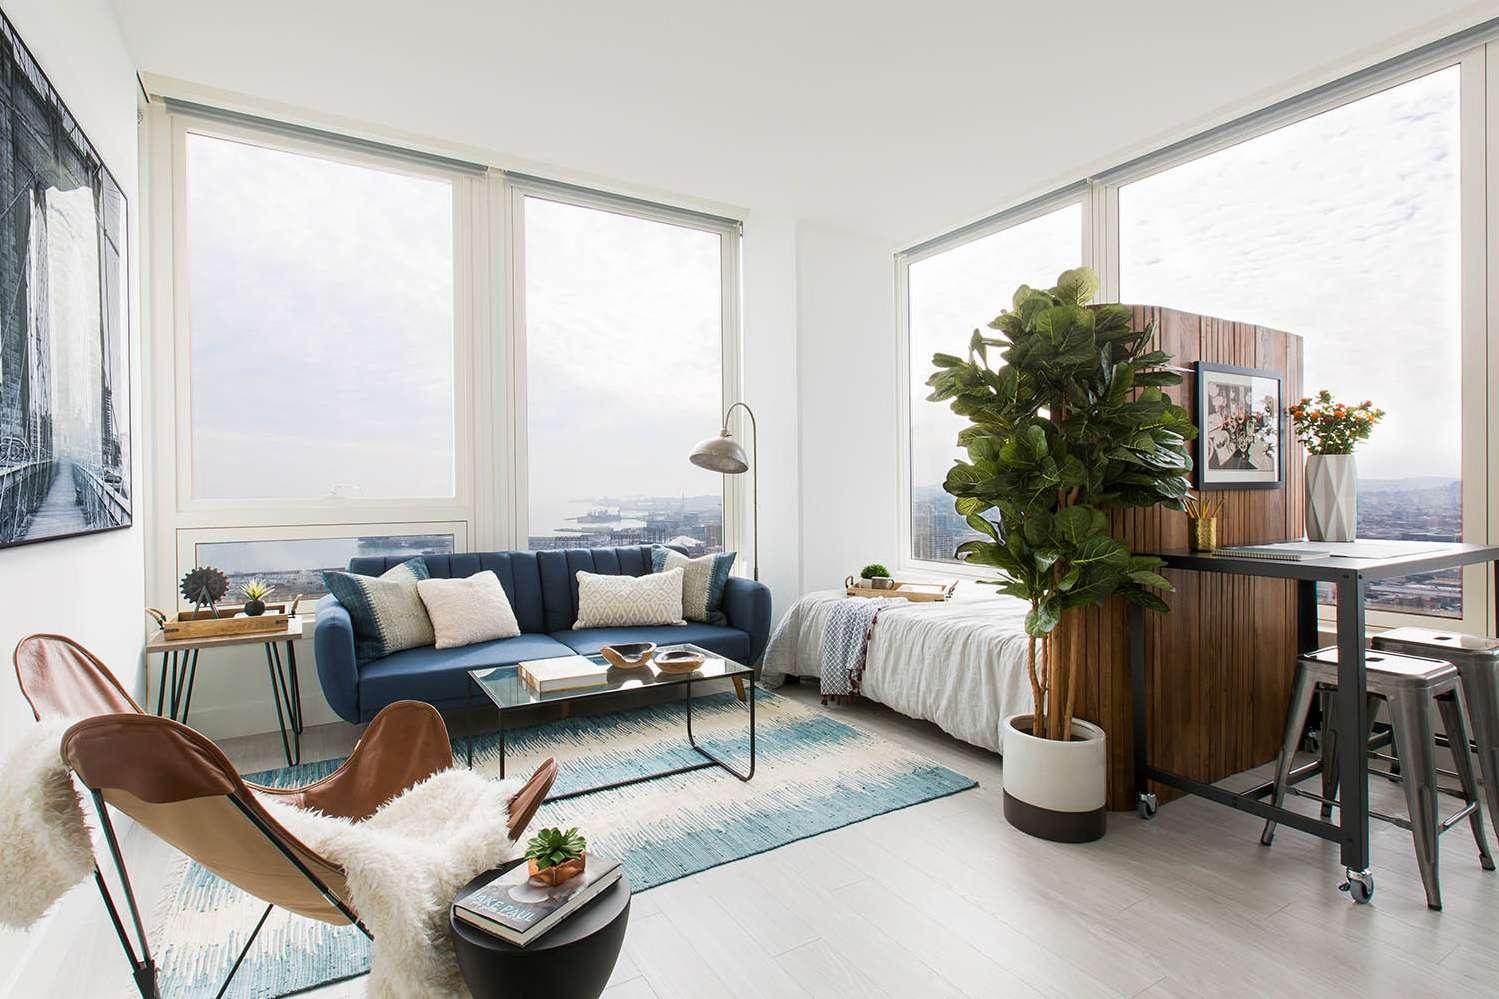 furniture apartemen studio ruang tamu 2 - Penggunaan Furniture pada Desain Interior Apartemen Studio ini, Bisa Dijadikan Inspirasi